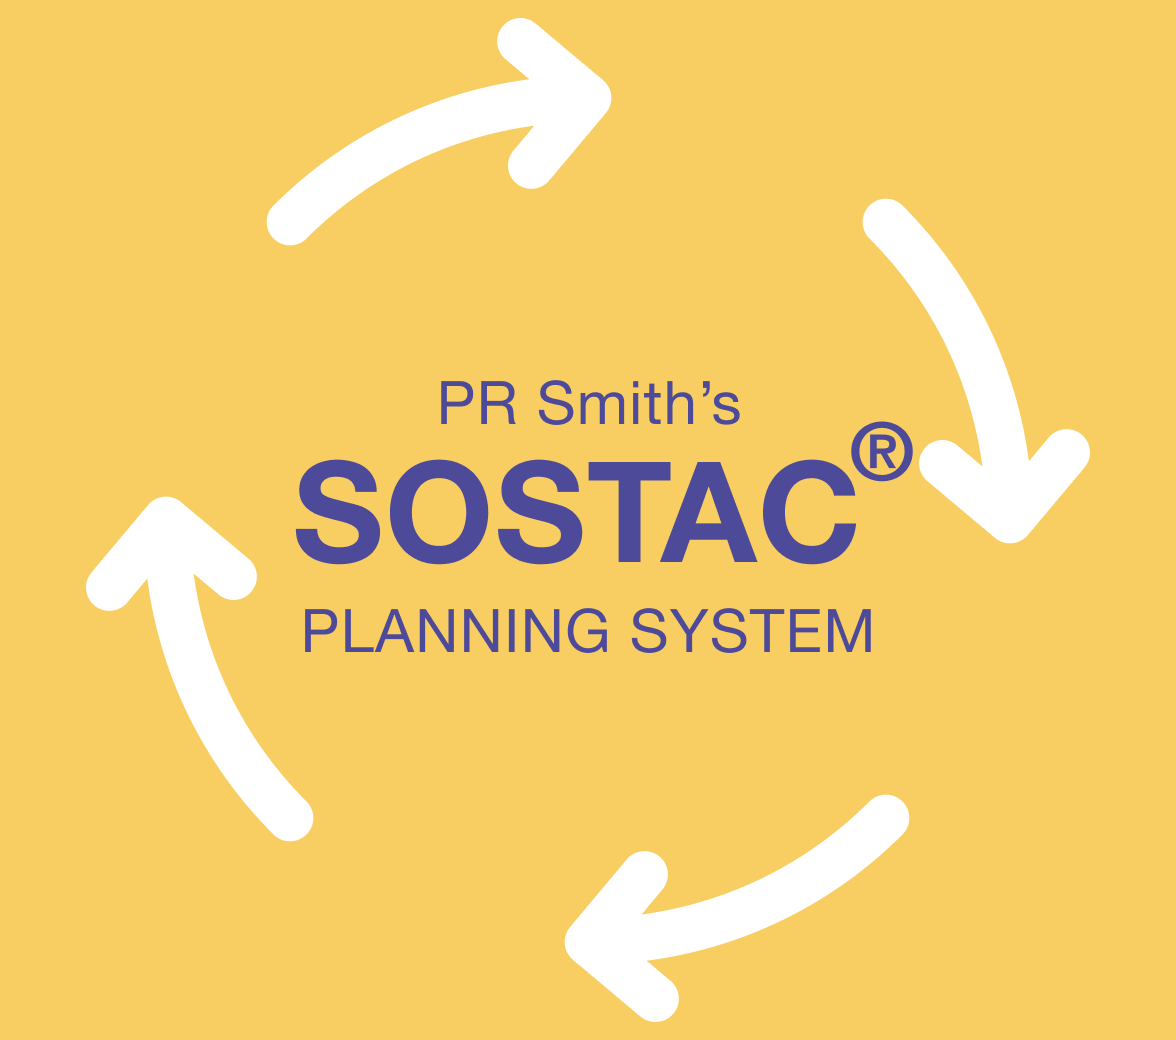 SOSTAC ® Marketing Model – Top Ranked Planning System